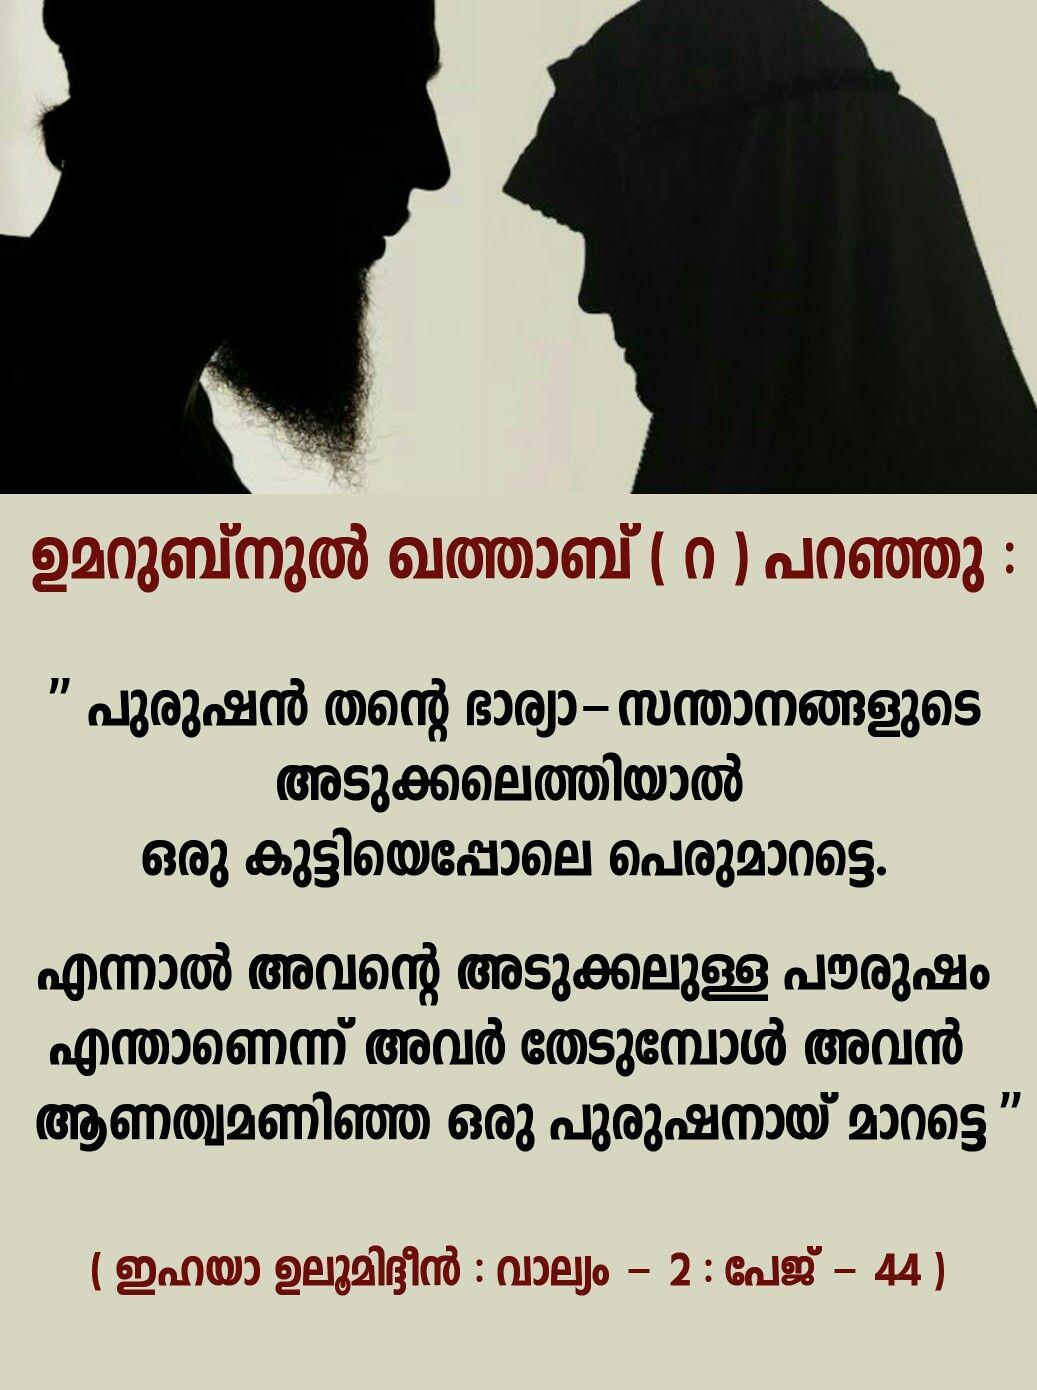 ഖല ഫ ഉമർ റ പറഞ ഞത എത ര മന ഹര Islamic Inspirational Quotes Malayalam Quotes Inspirational Quotes